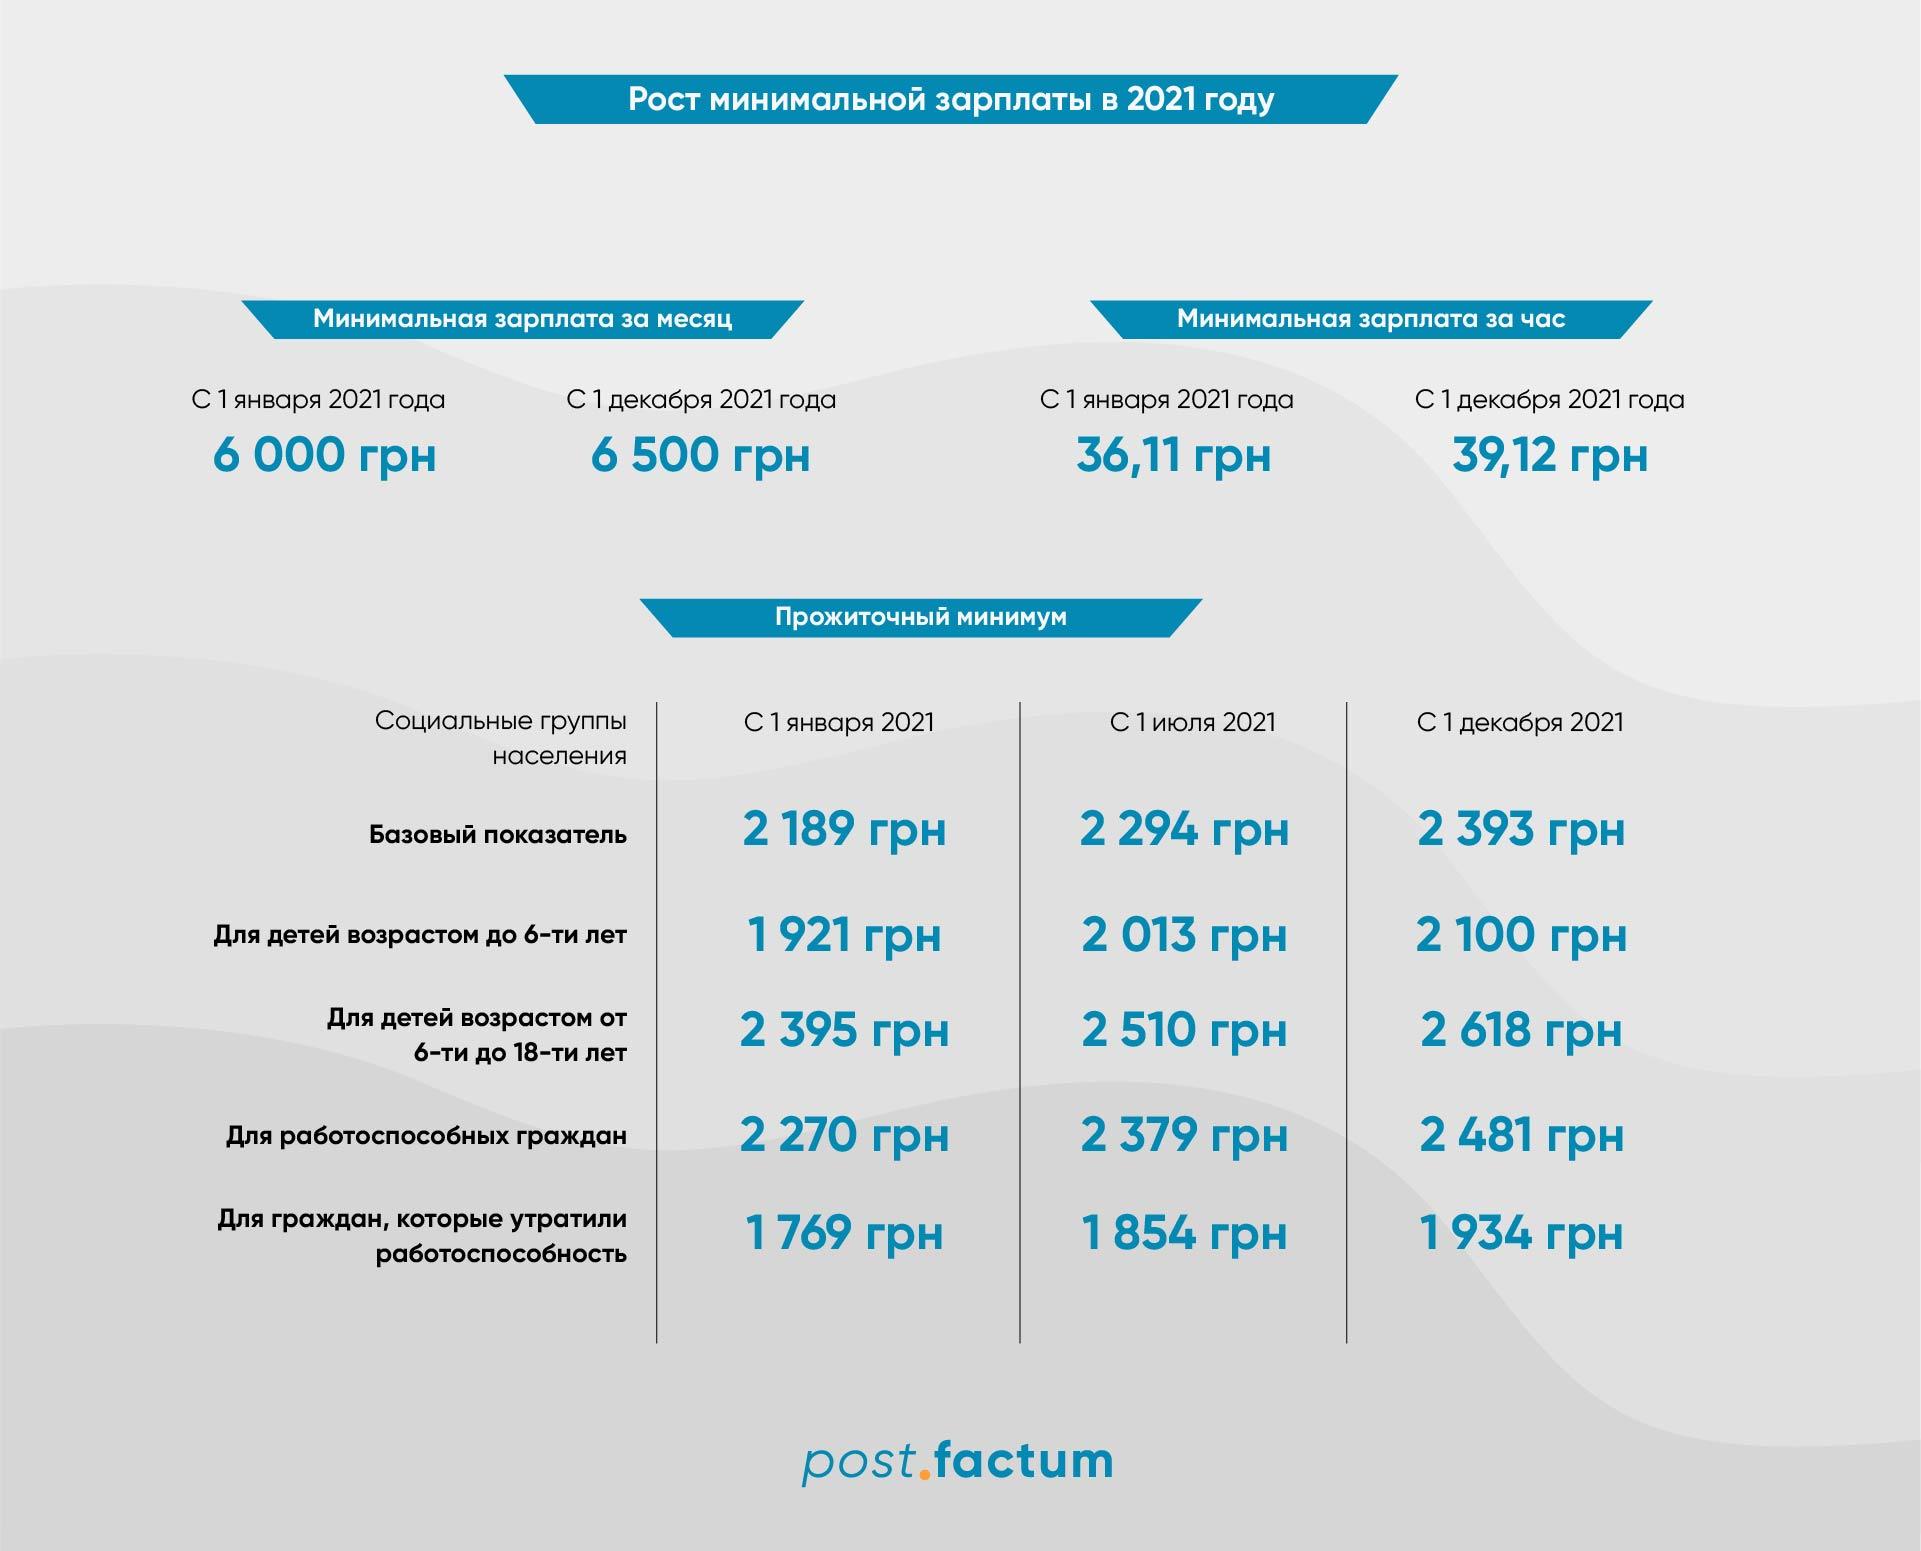 Инфографика: на сколько вырастет минимальная зарплата в Украине в 2021 году — фото 1